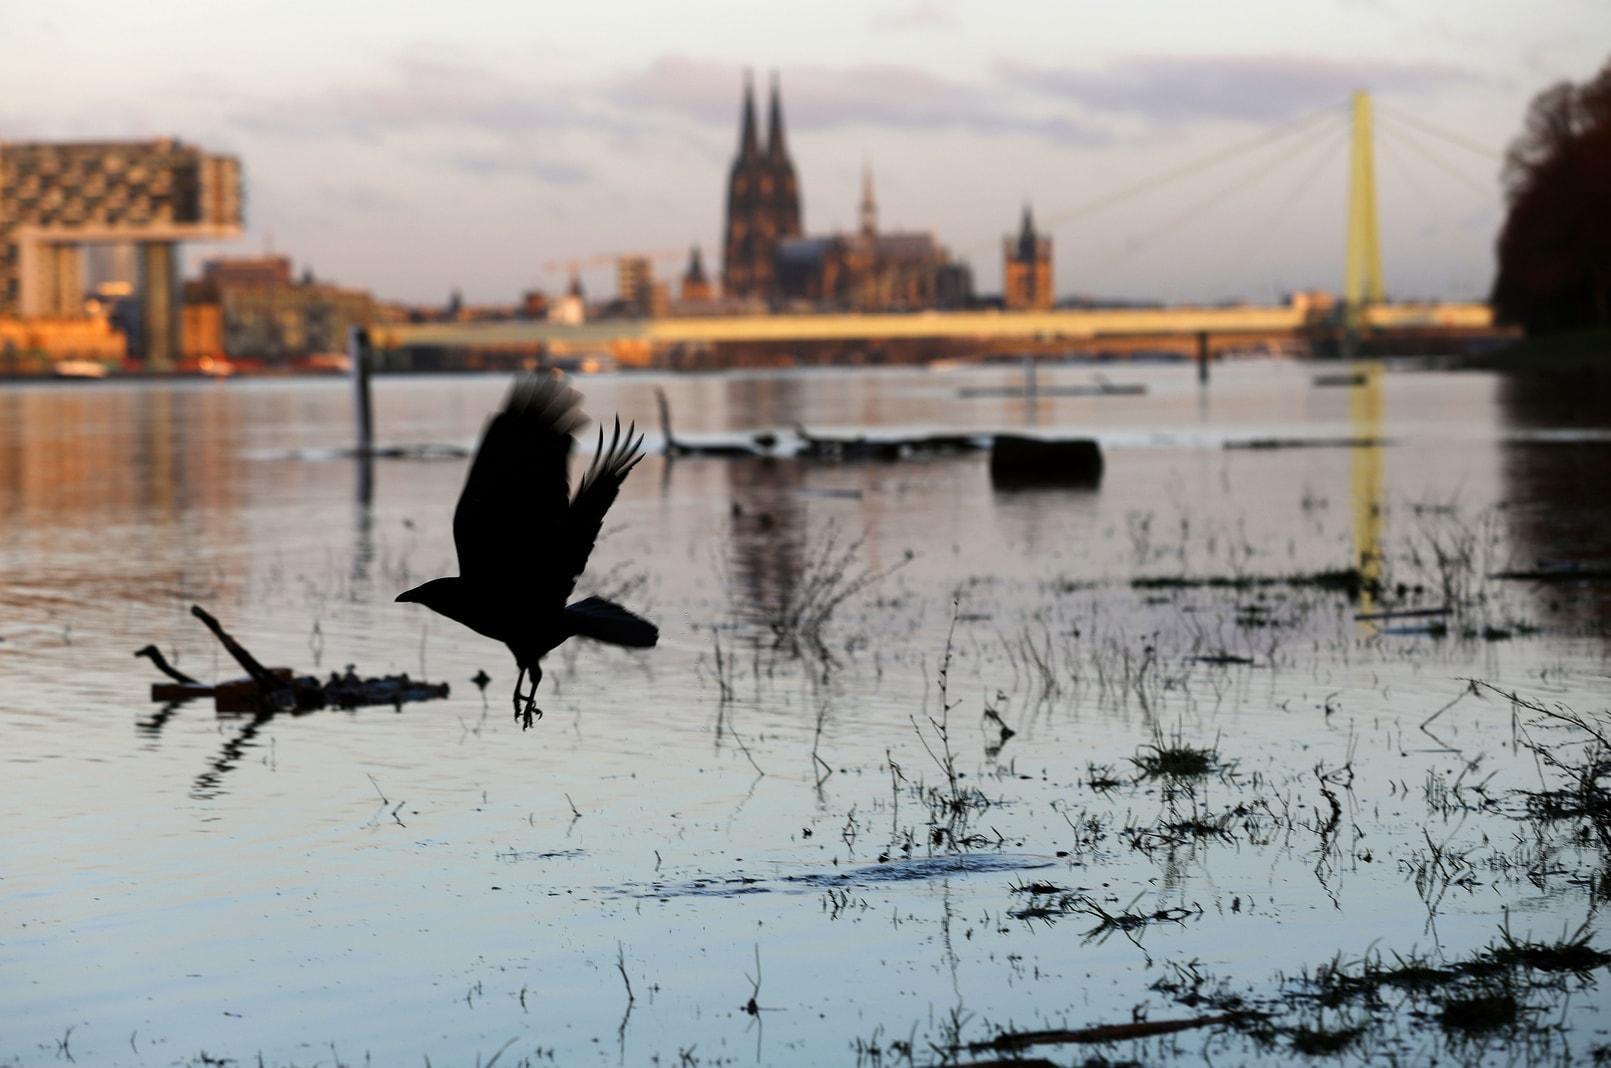 Hochwassers am Rhein bei Köln